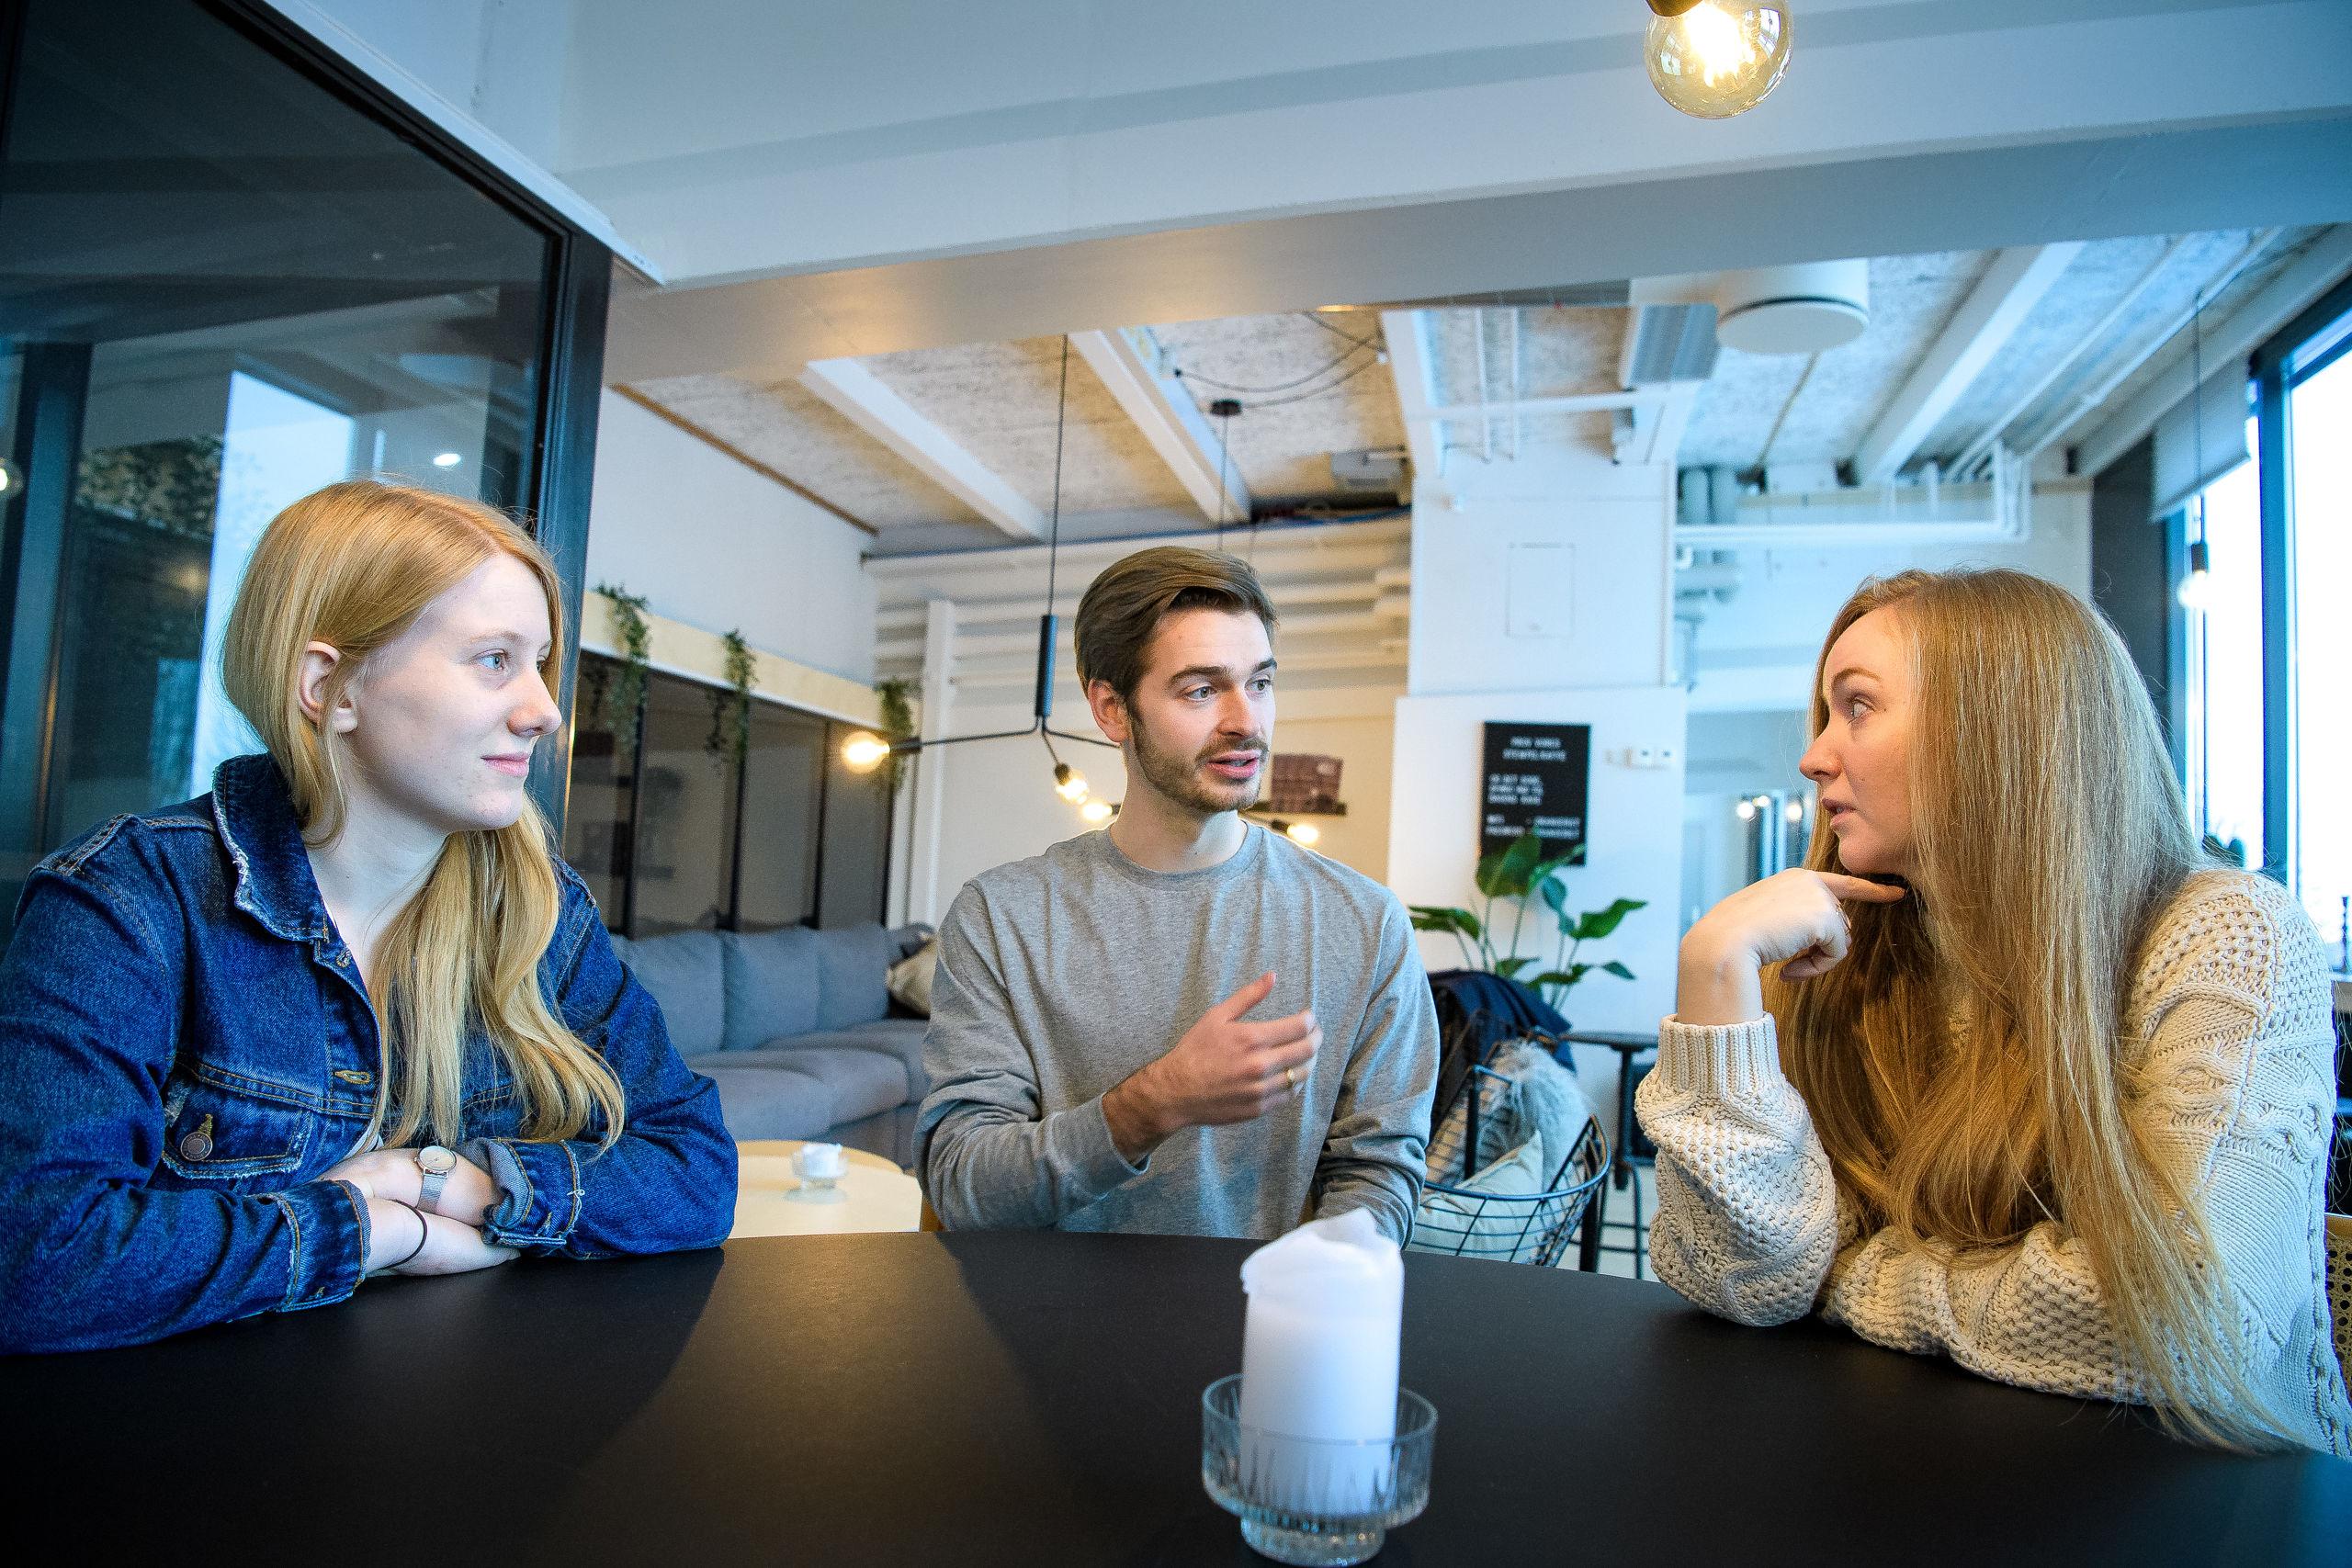 De tre studerende er enige om, at der er brug for lektiecaféer, men de er heller ikke i tvivl om, at lektiecaféen også kommer til at give de kommende lærere nogle gode erfaringer. Og så er de vilde med rammerne hos A2. Foto: Bo Lehm